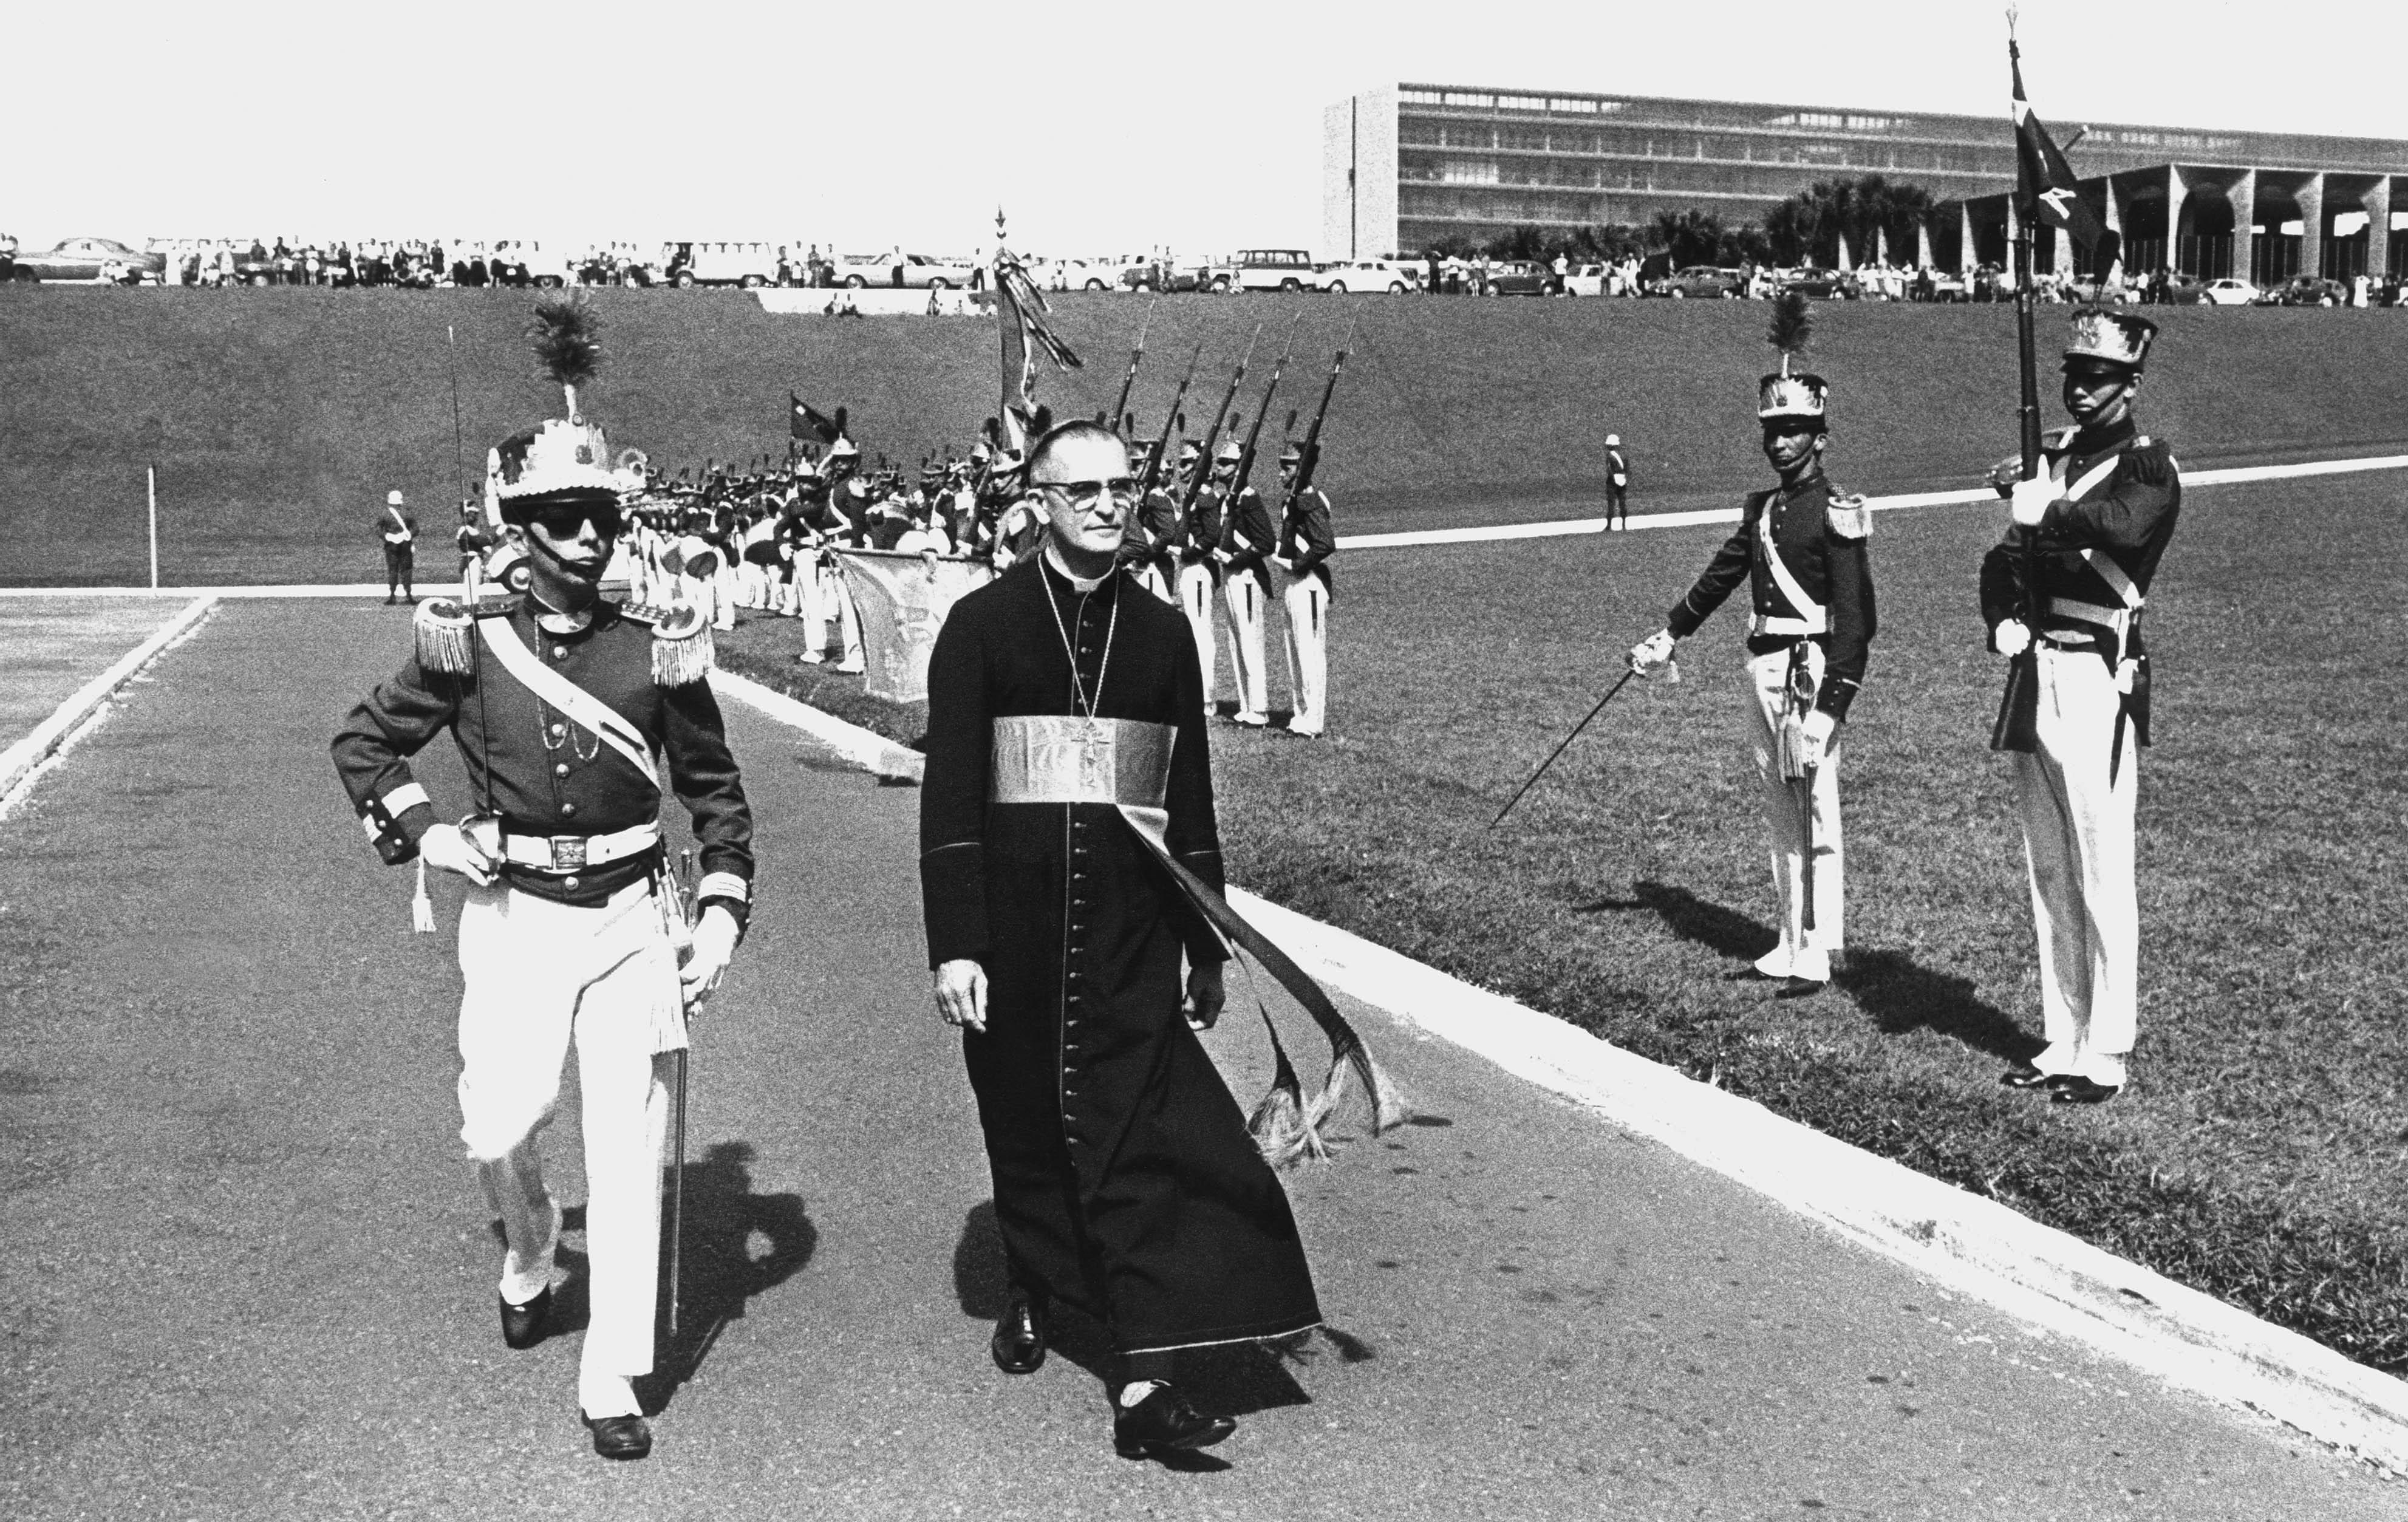 Cardeal dom Eugenio Sales caminha escoltado por guardas da presidência quando seguia para o Congresso Eucarístico realizado em Brasília, em maio de 1970.